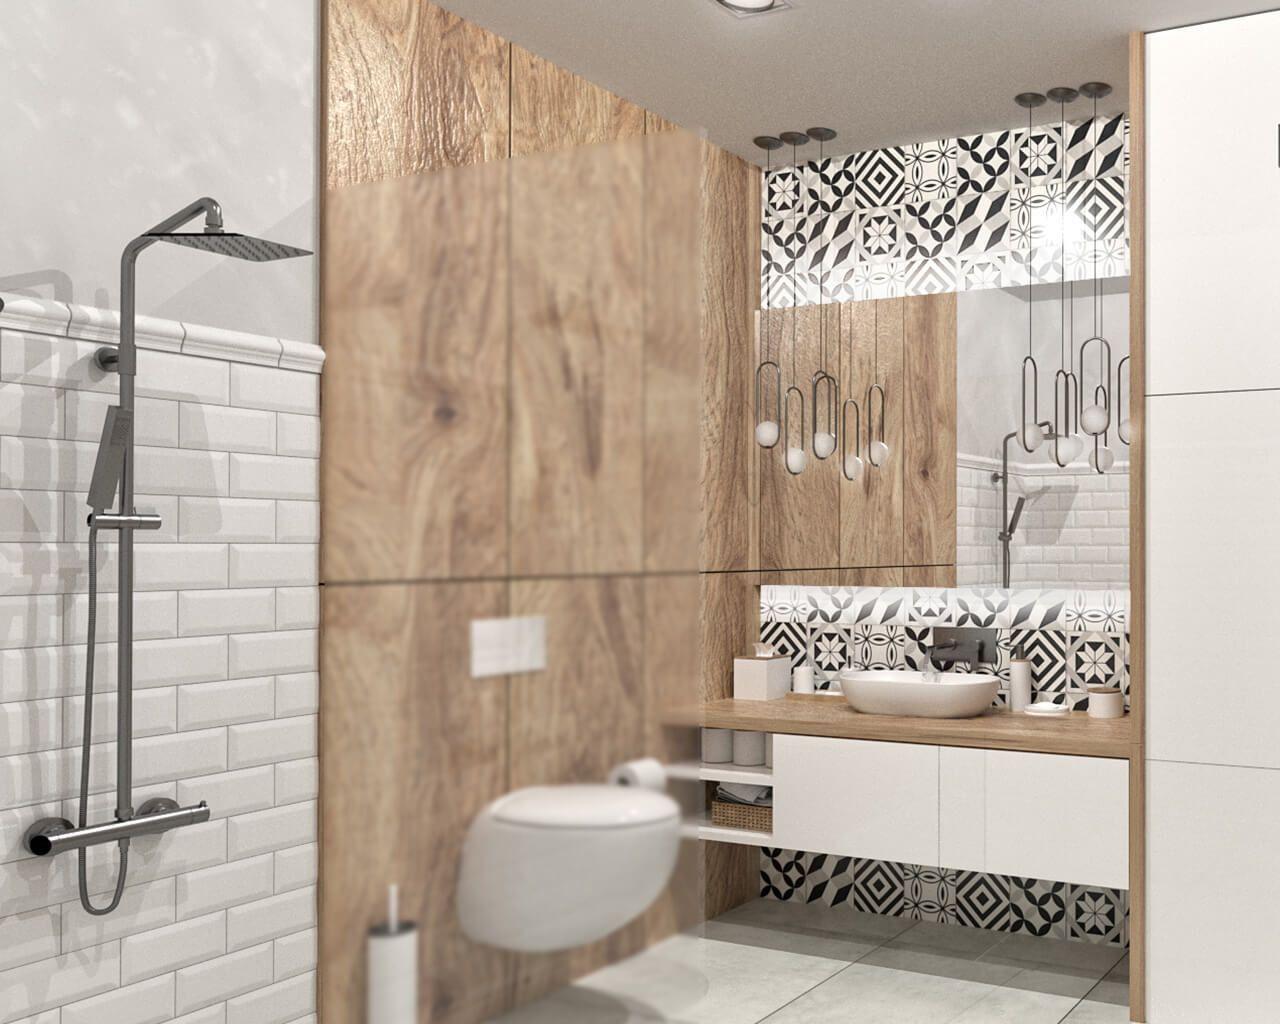 Projekt Aranżacji Wnętrza Niewielkiej łazienki Ceramika